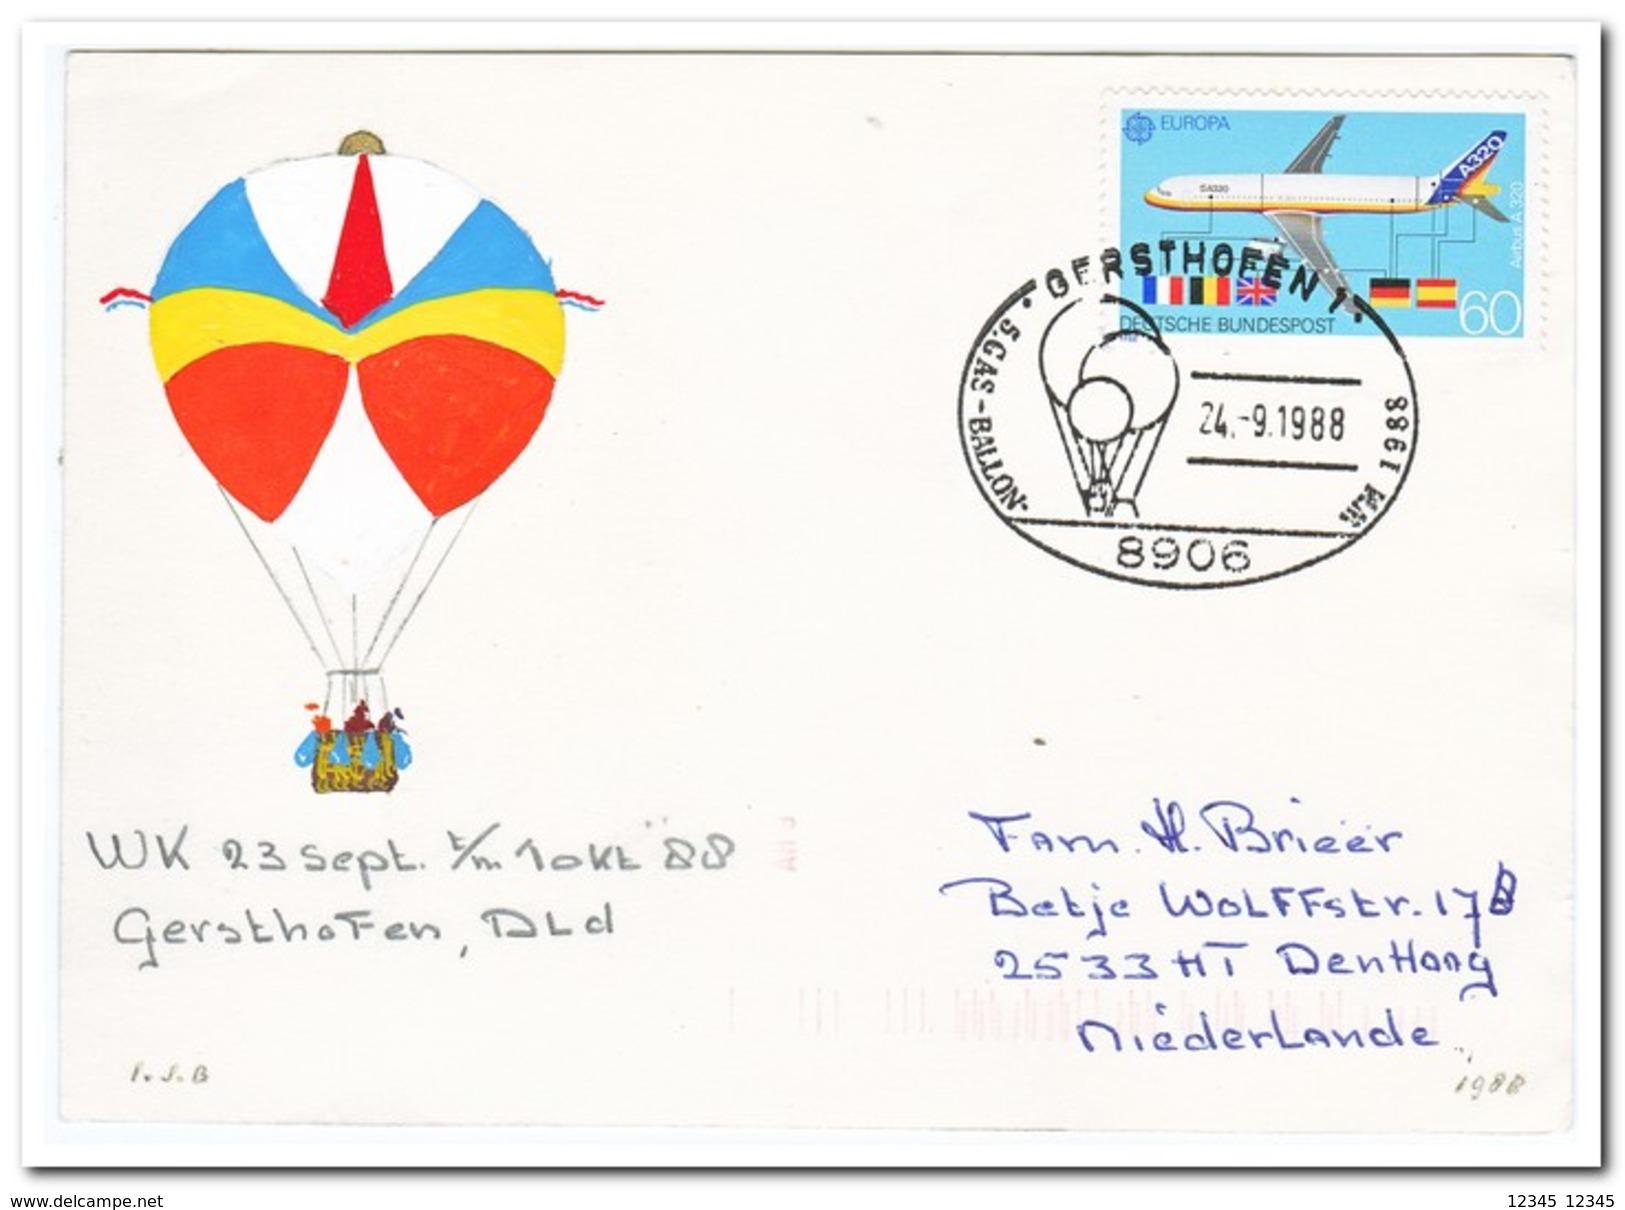 WM, WK, Gersthofen 23-9 T/m 1-10 1988 ( Gevouwen, Gefalted ) - Luchtballons